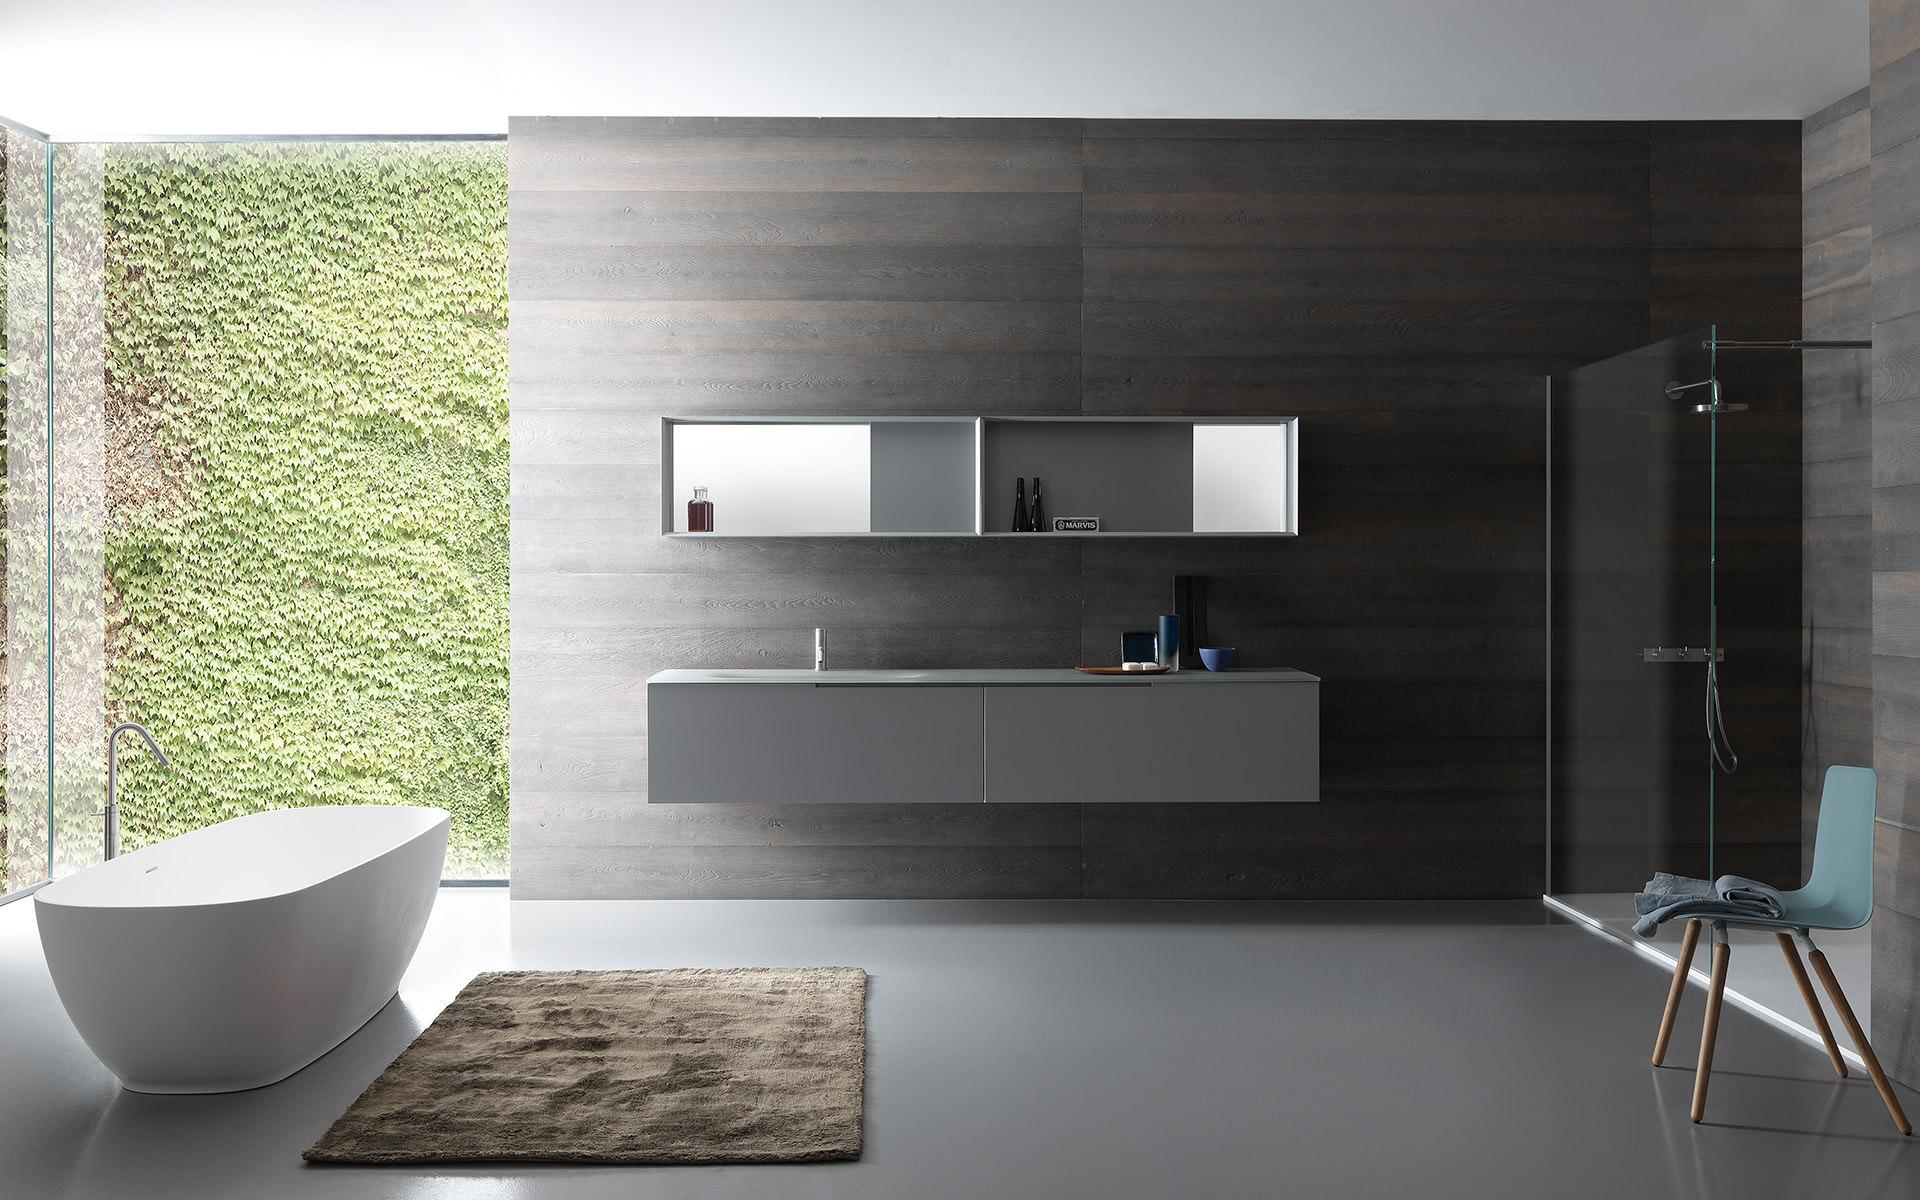 Marque salle de bain luxe id e inspirante pour la conception de la maison for Petite suite parentale